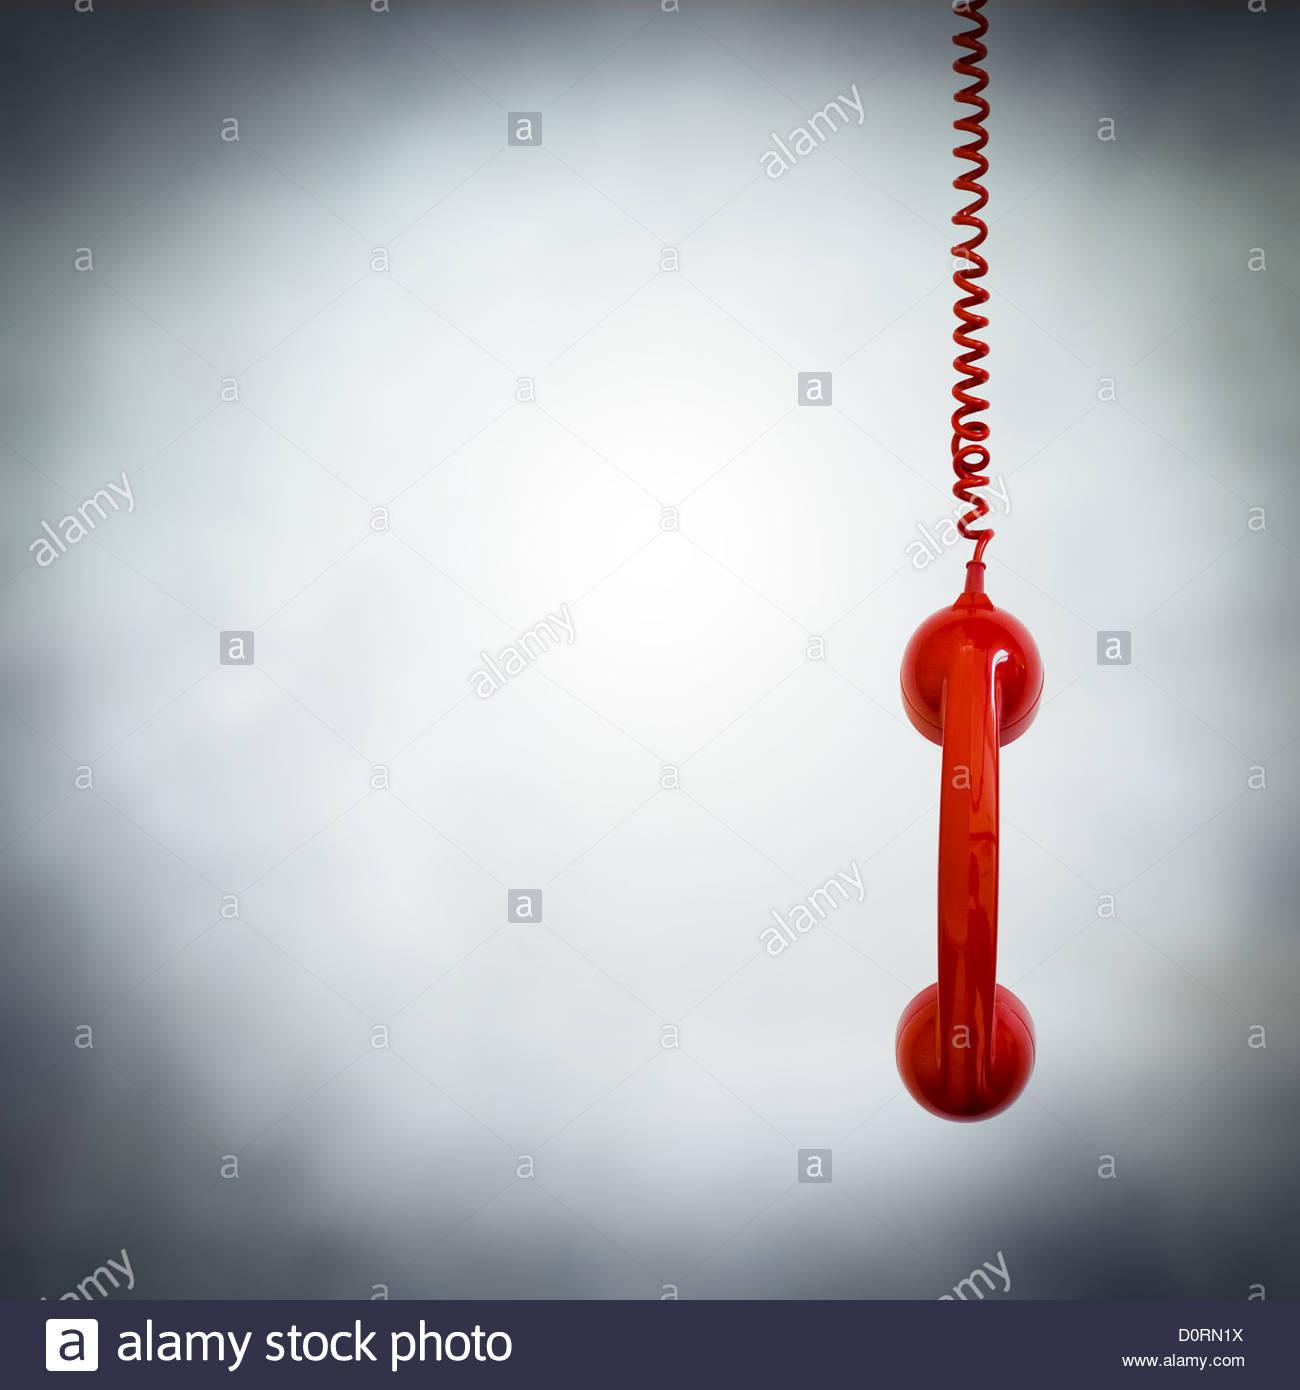 Teléfono rojo colgando Imagen De Stock